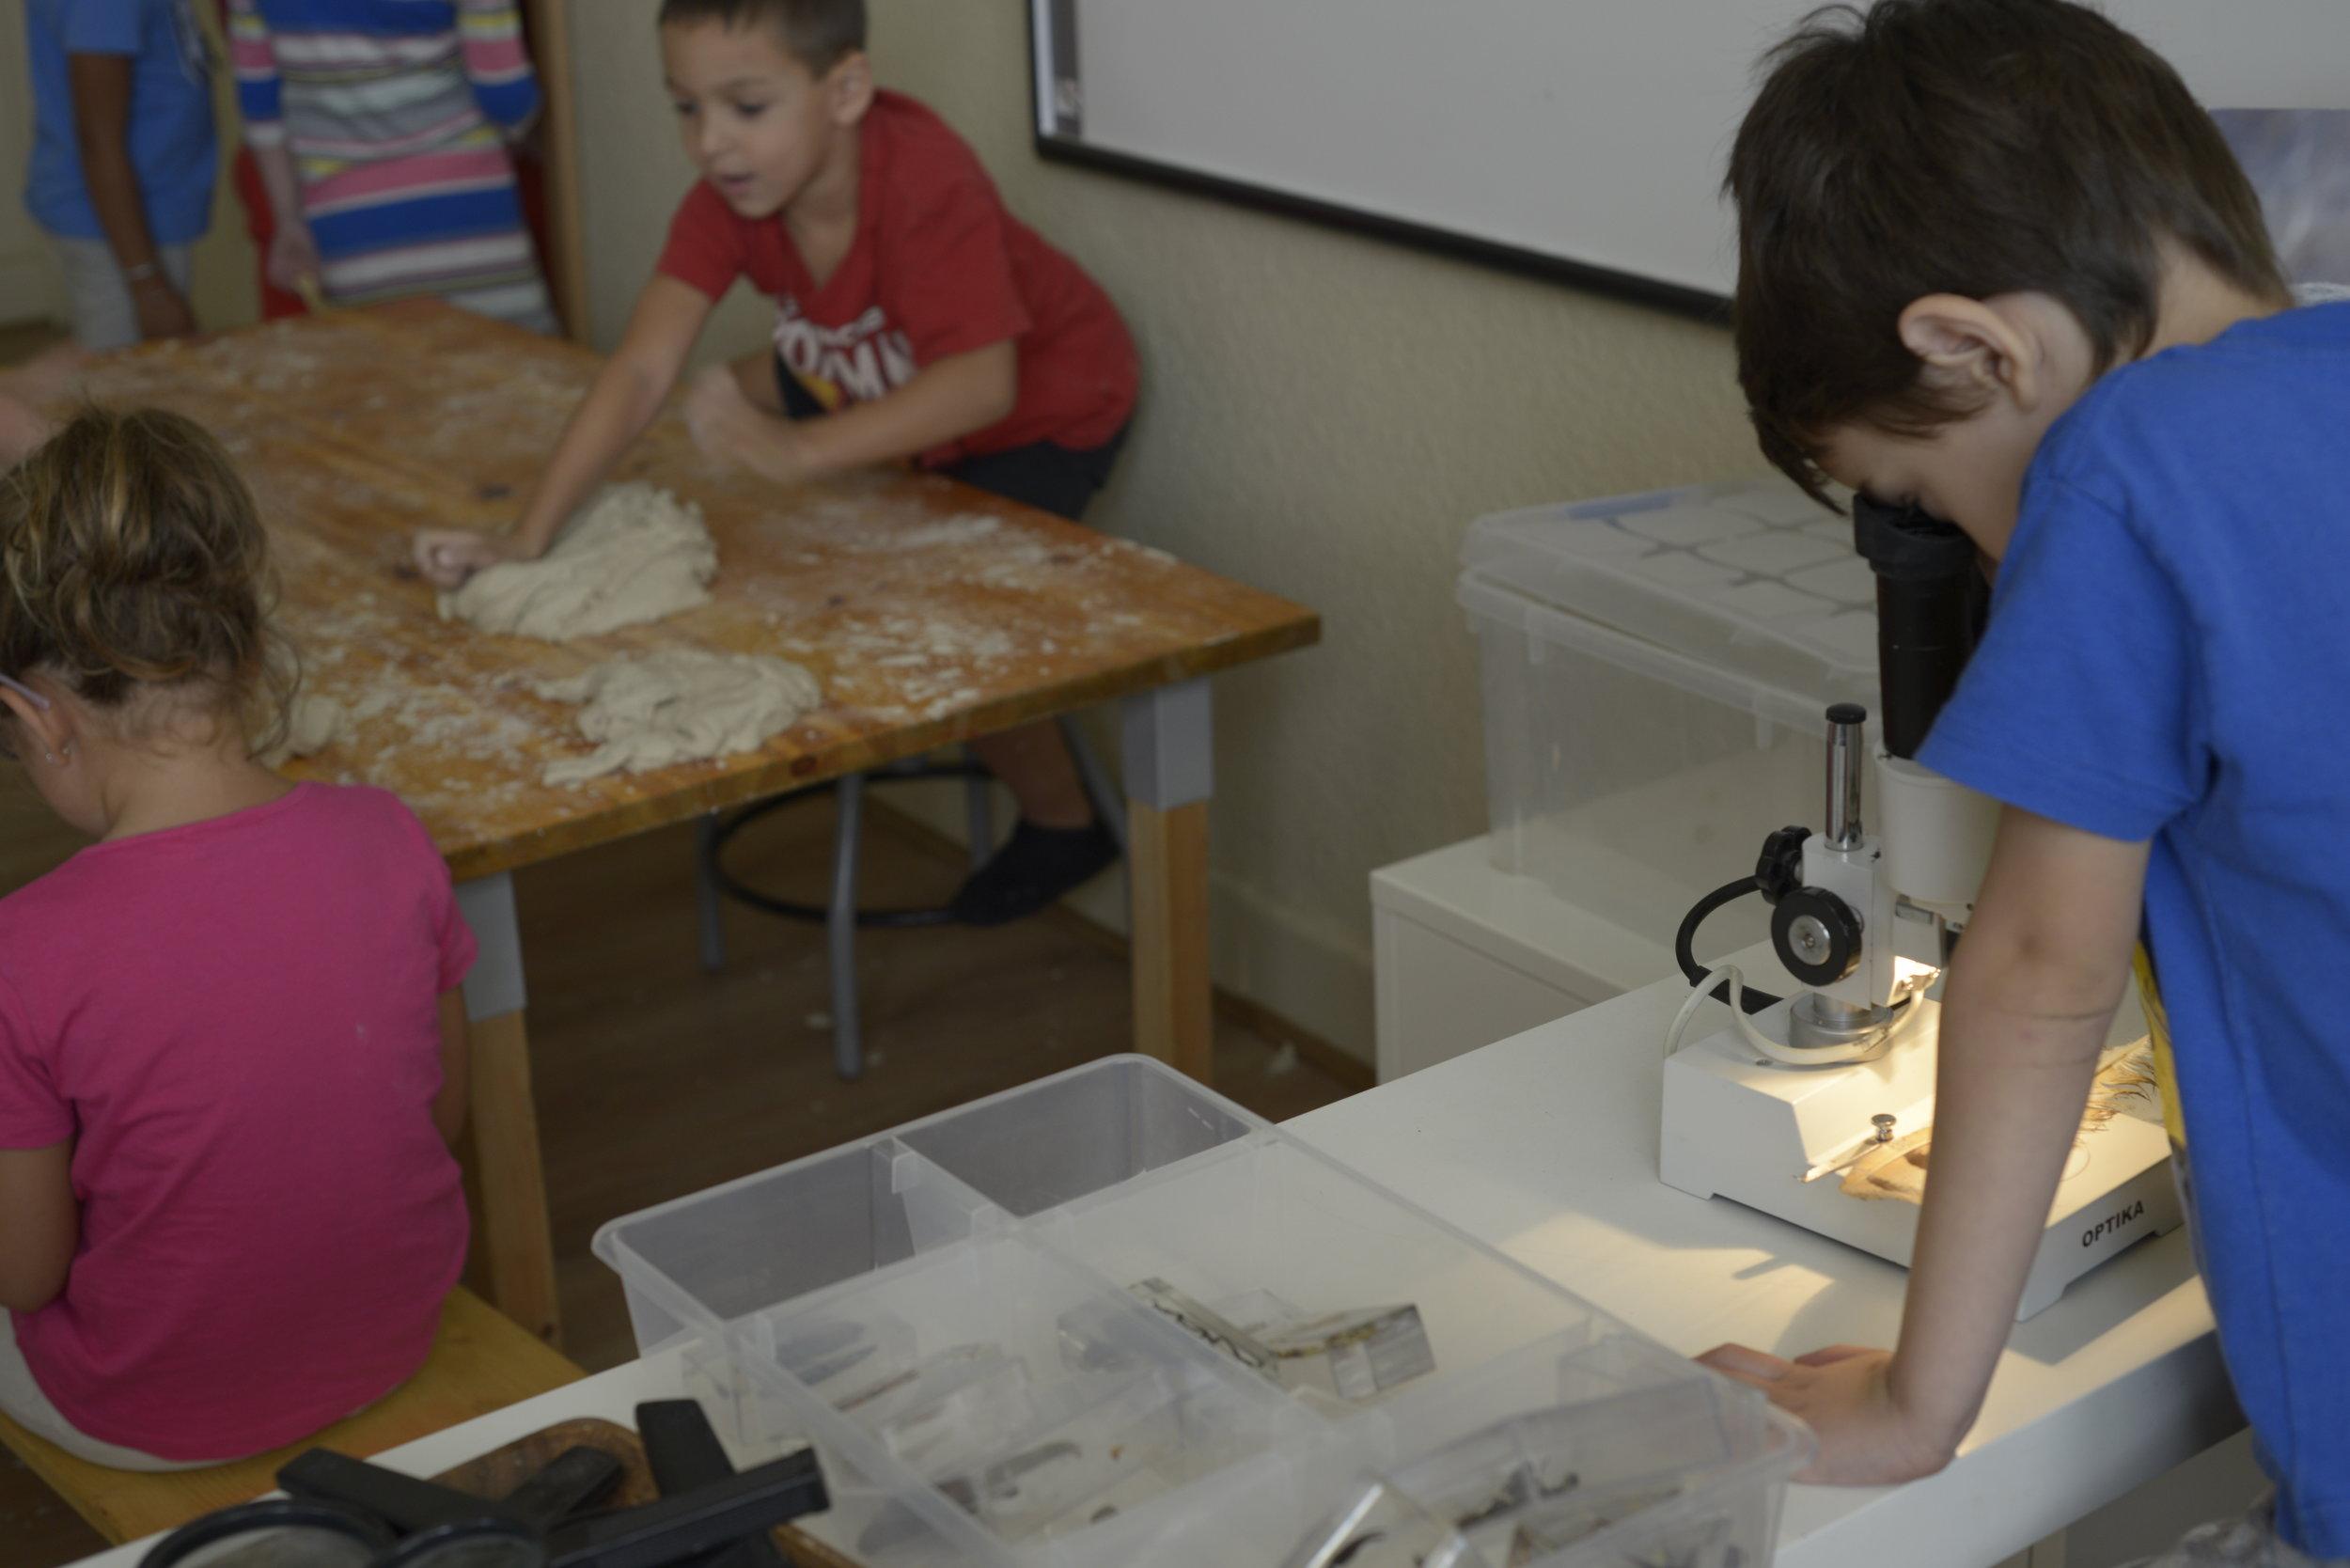 Los materiales e instrumentos disponibles en el espacio permiten aprendizajes manipulativos.